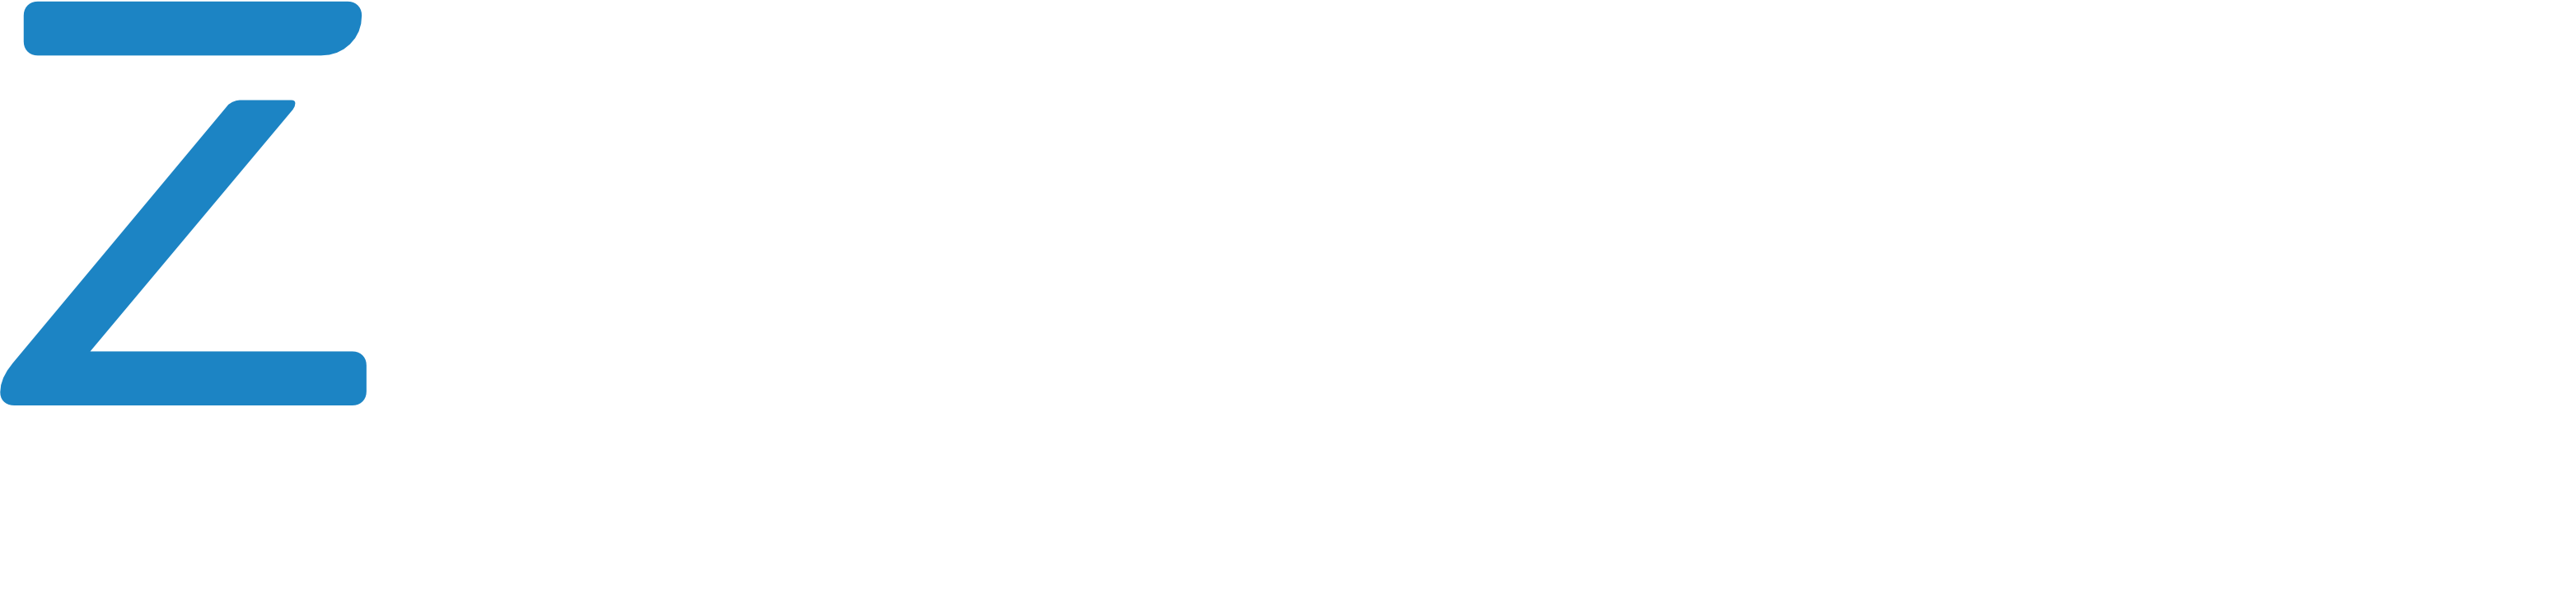 Zafiro Code